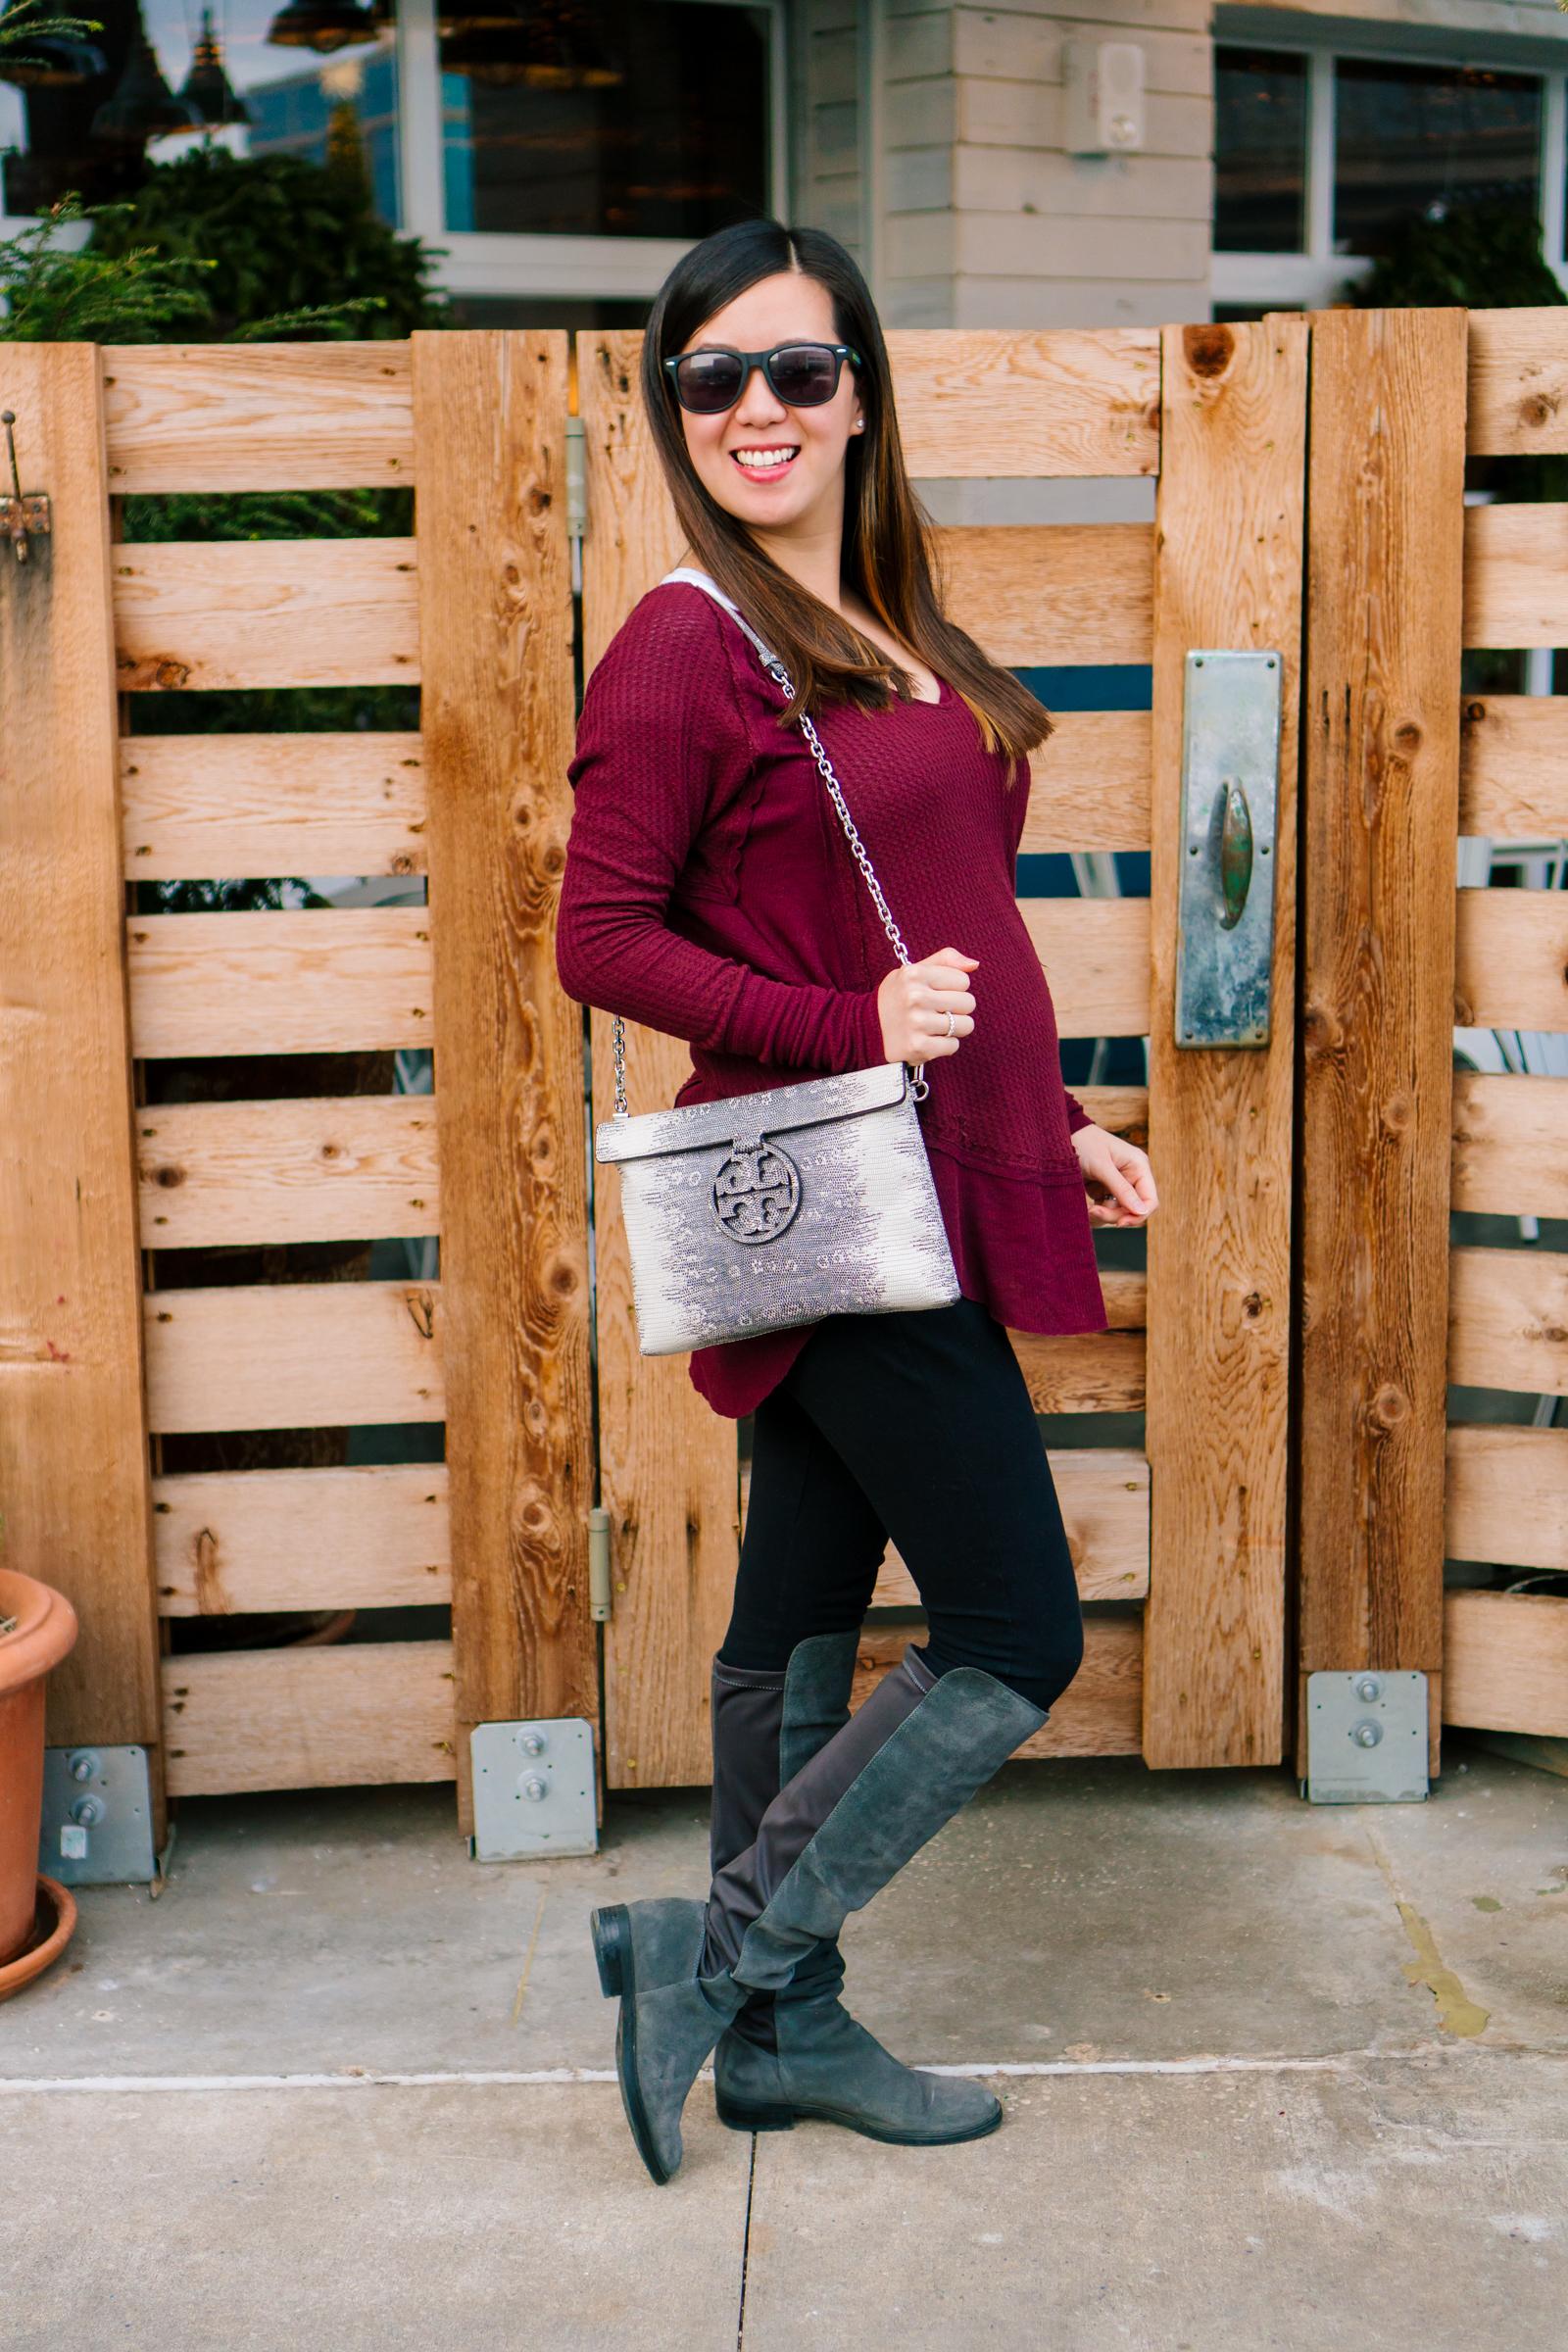 Plum V-Neck Thermal Top, Tia Perciballi Fashion & Lifestyle Blog